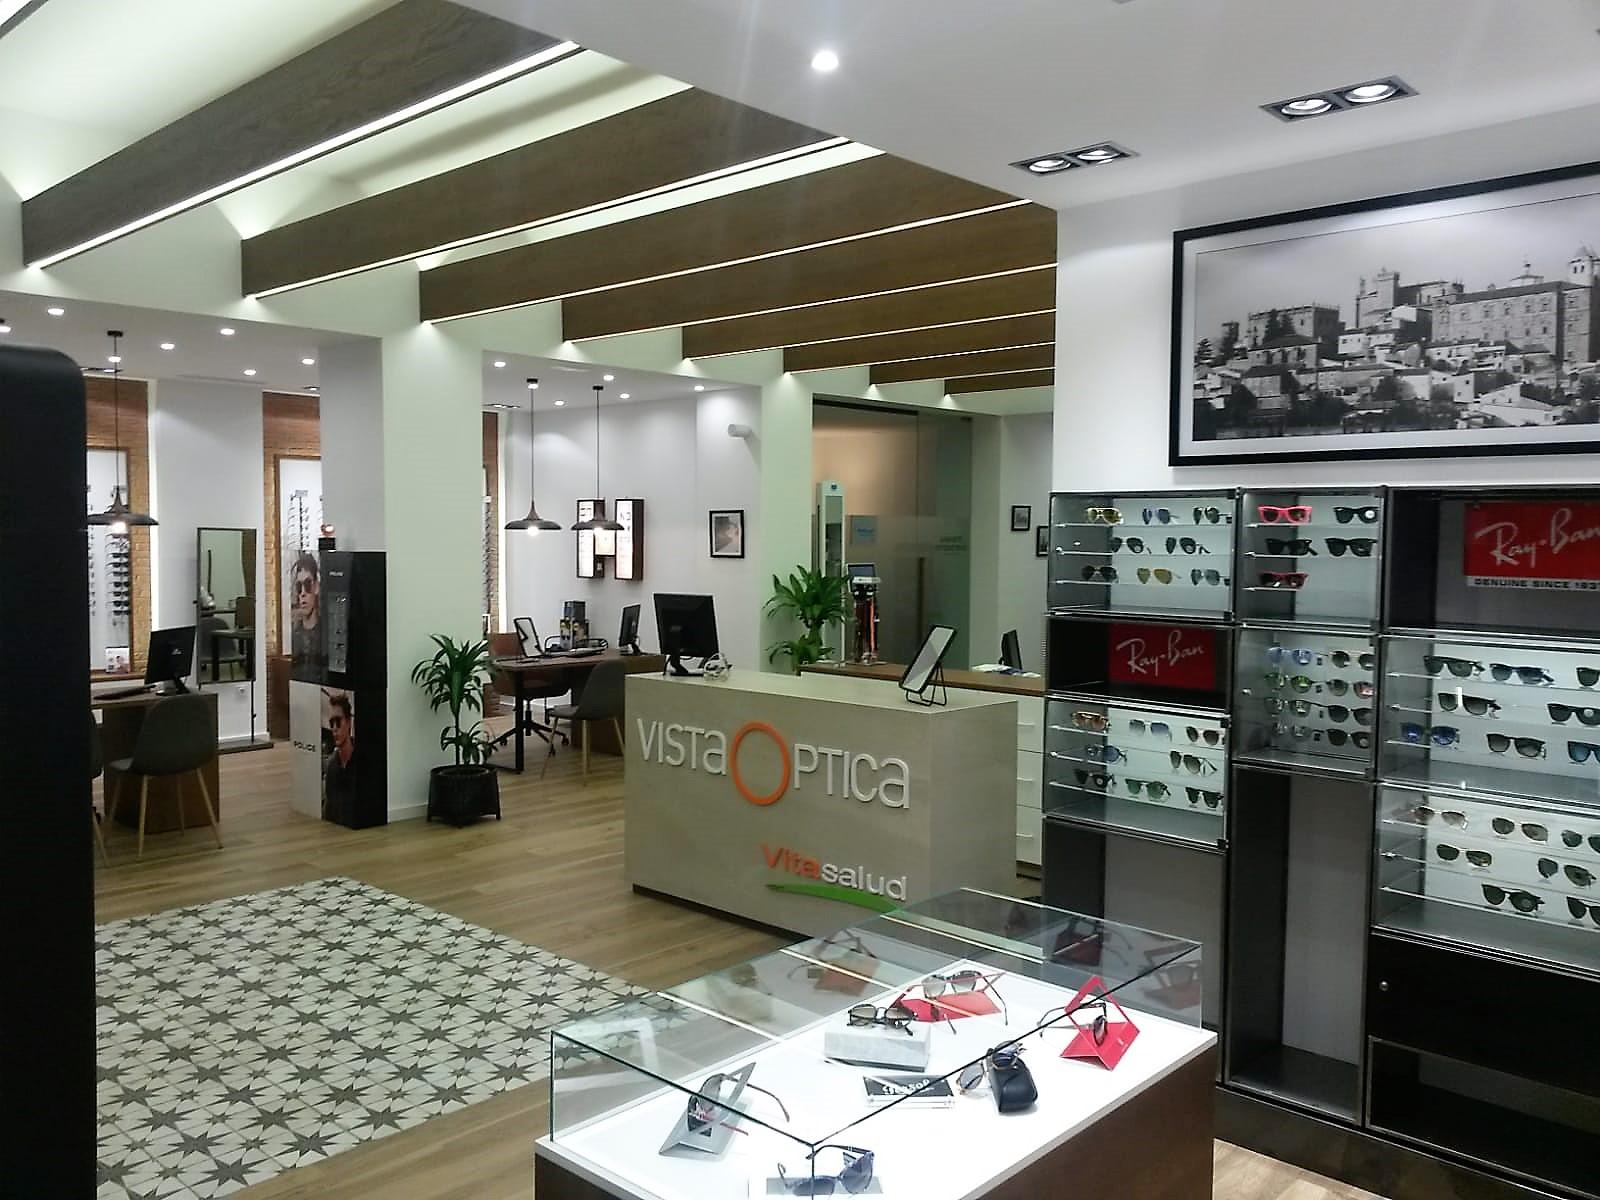 España Audifonos en Cáceres Vista Óptica